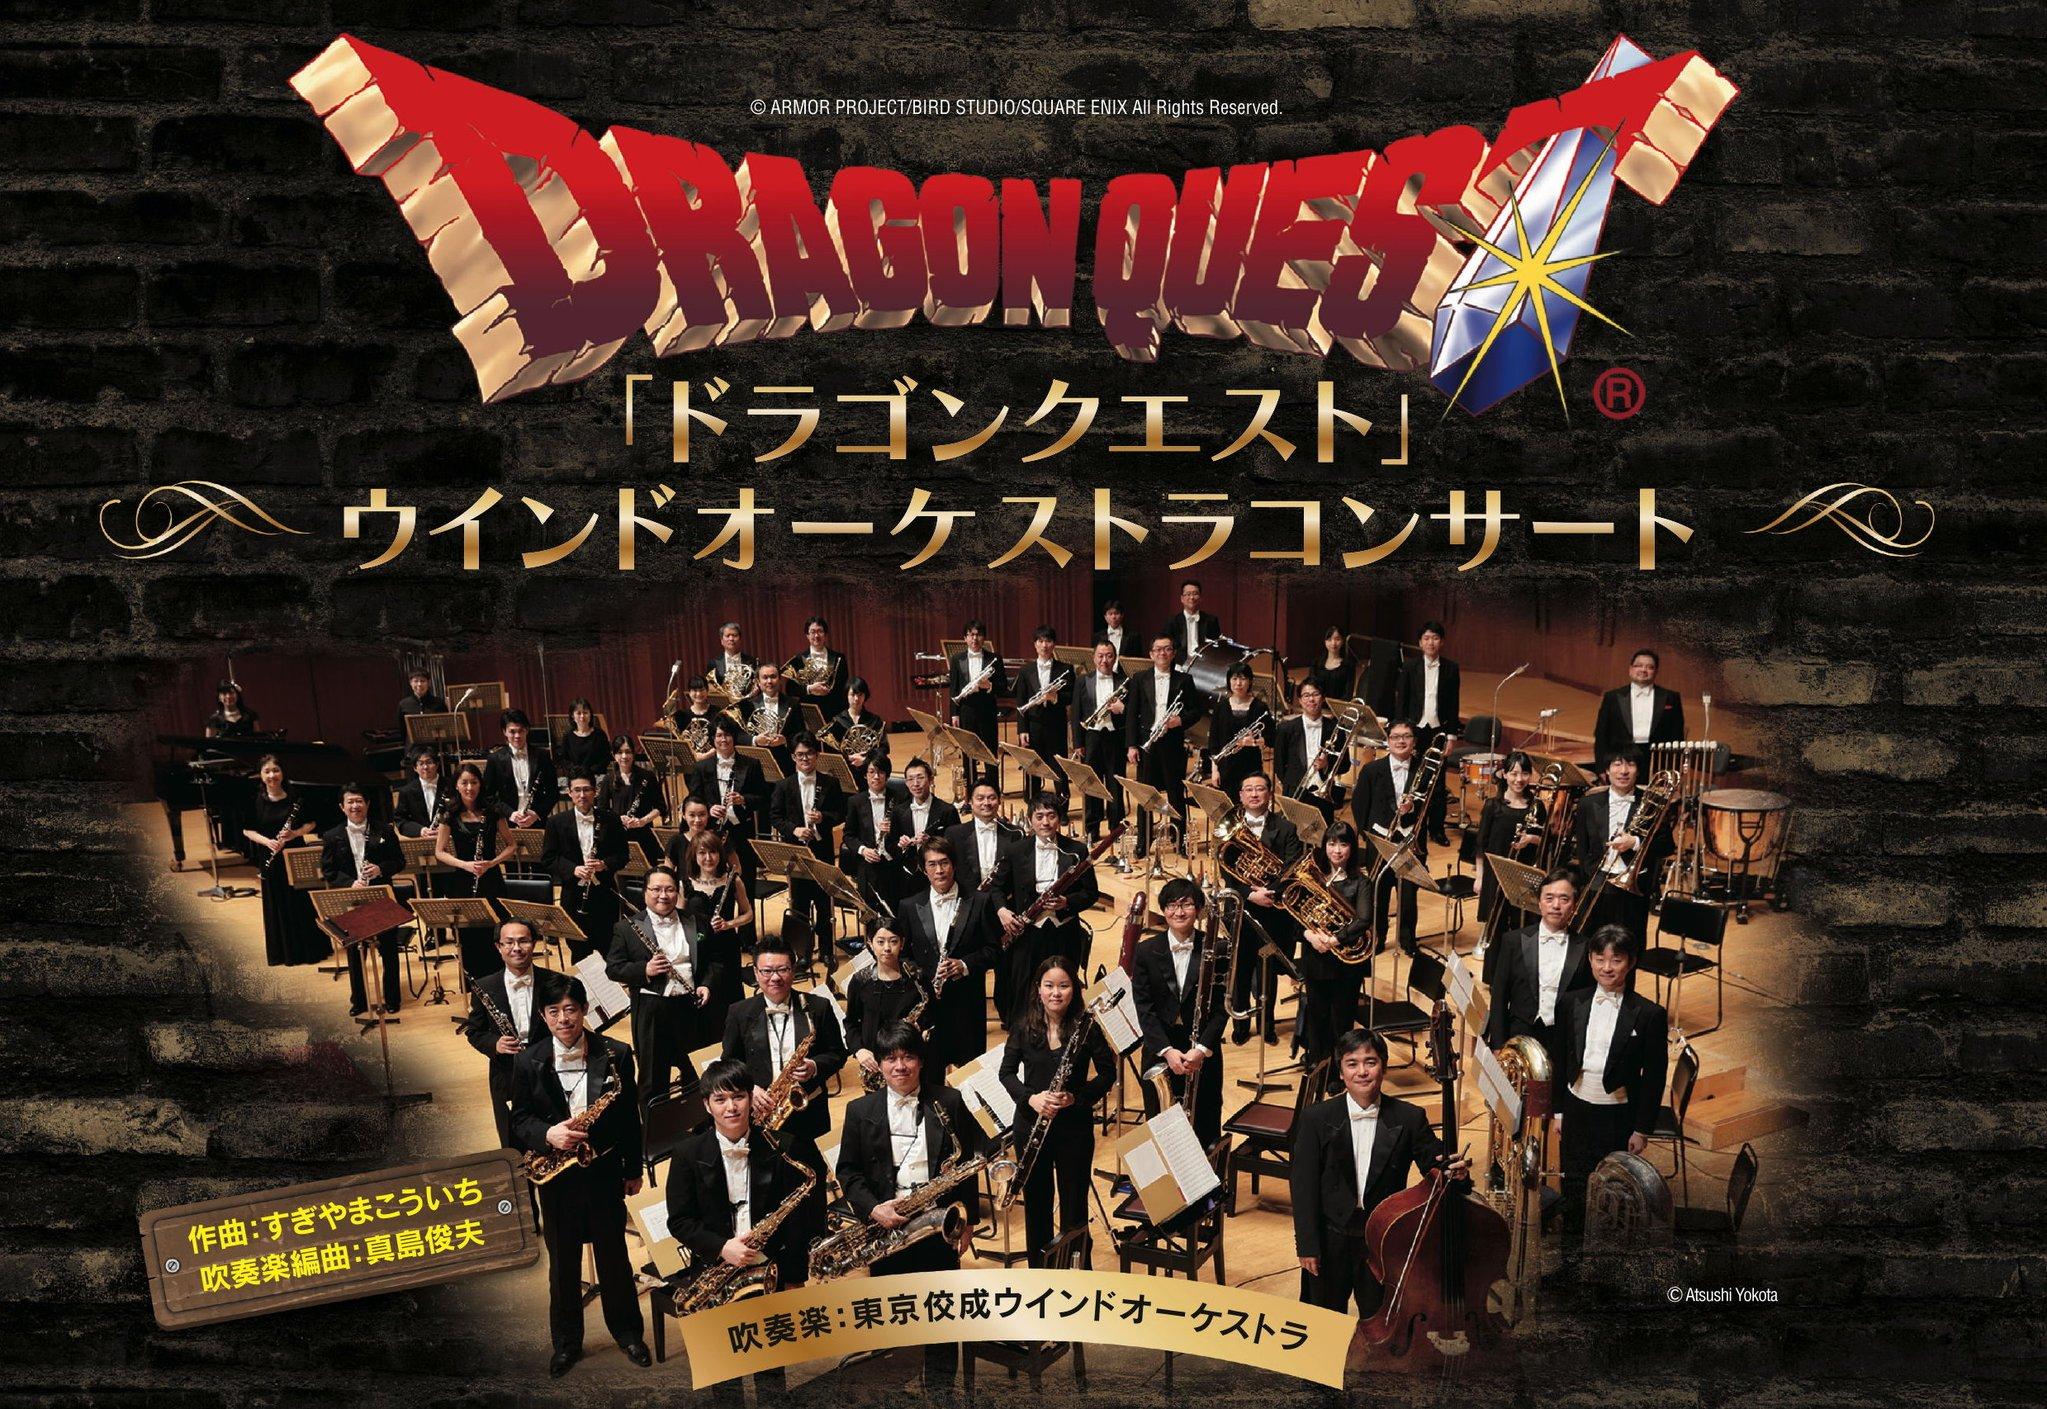 「ドラゴンクエスト」ウインドオーケストラコンサート 群馬公演